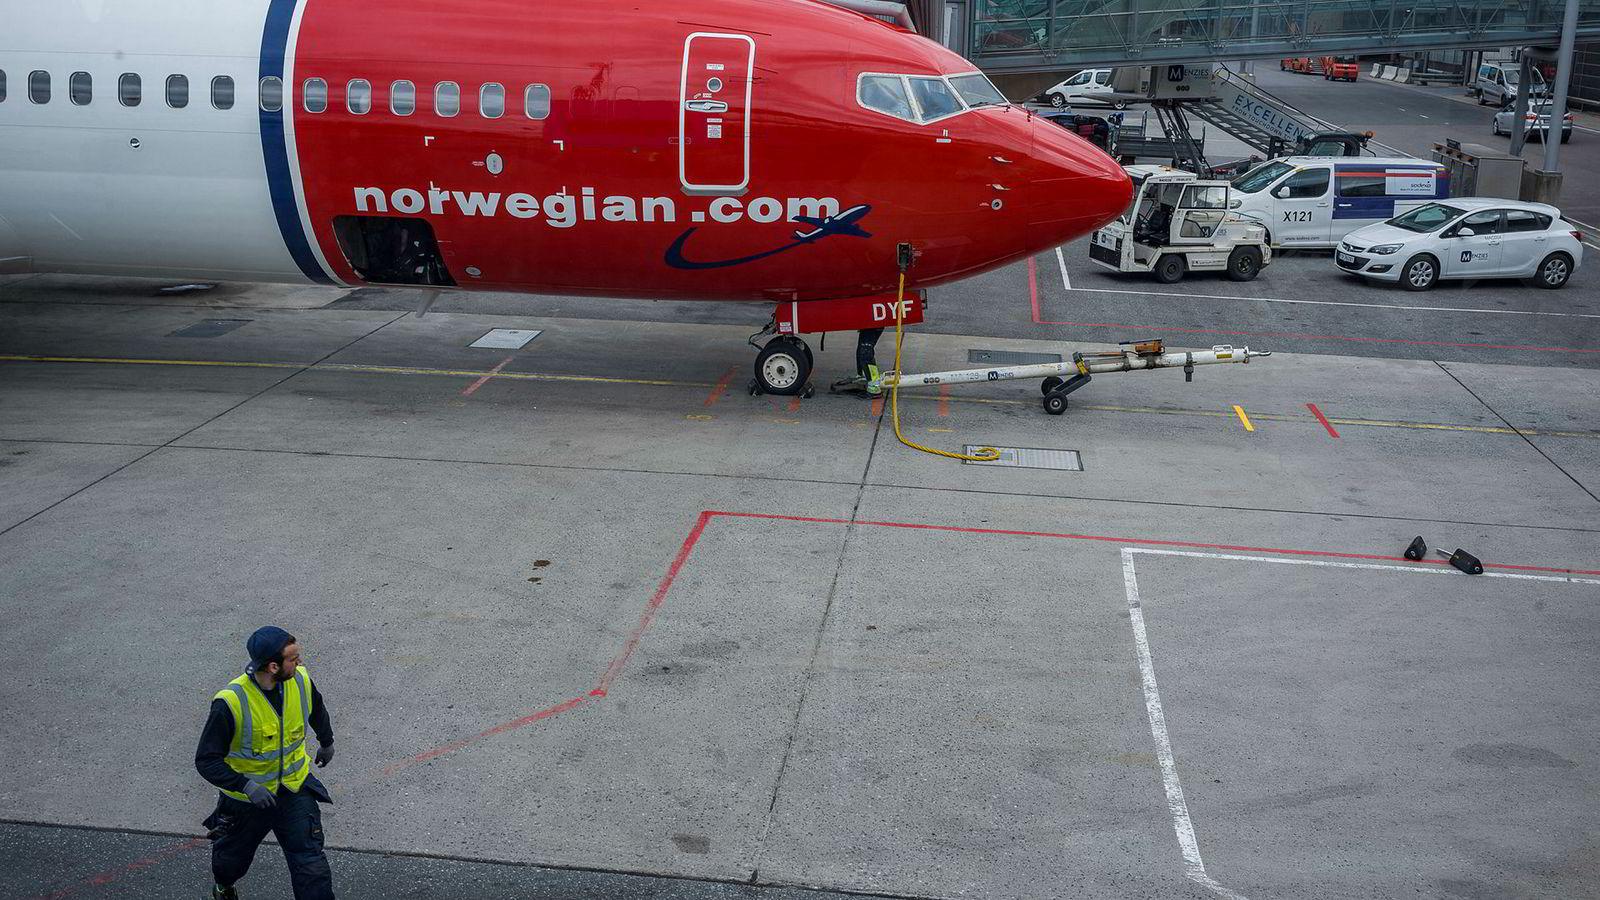 Norwegian-fly på Oslo lufthavn Gardermoen.